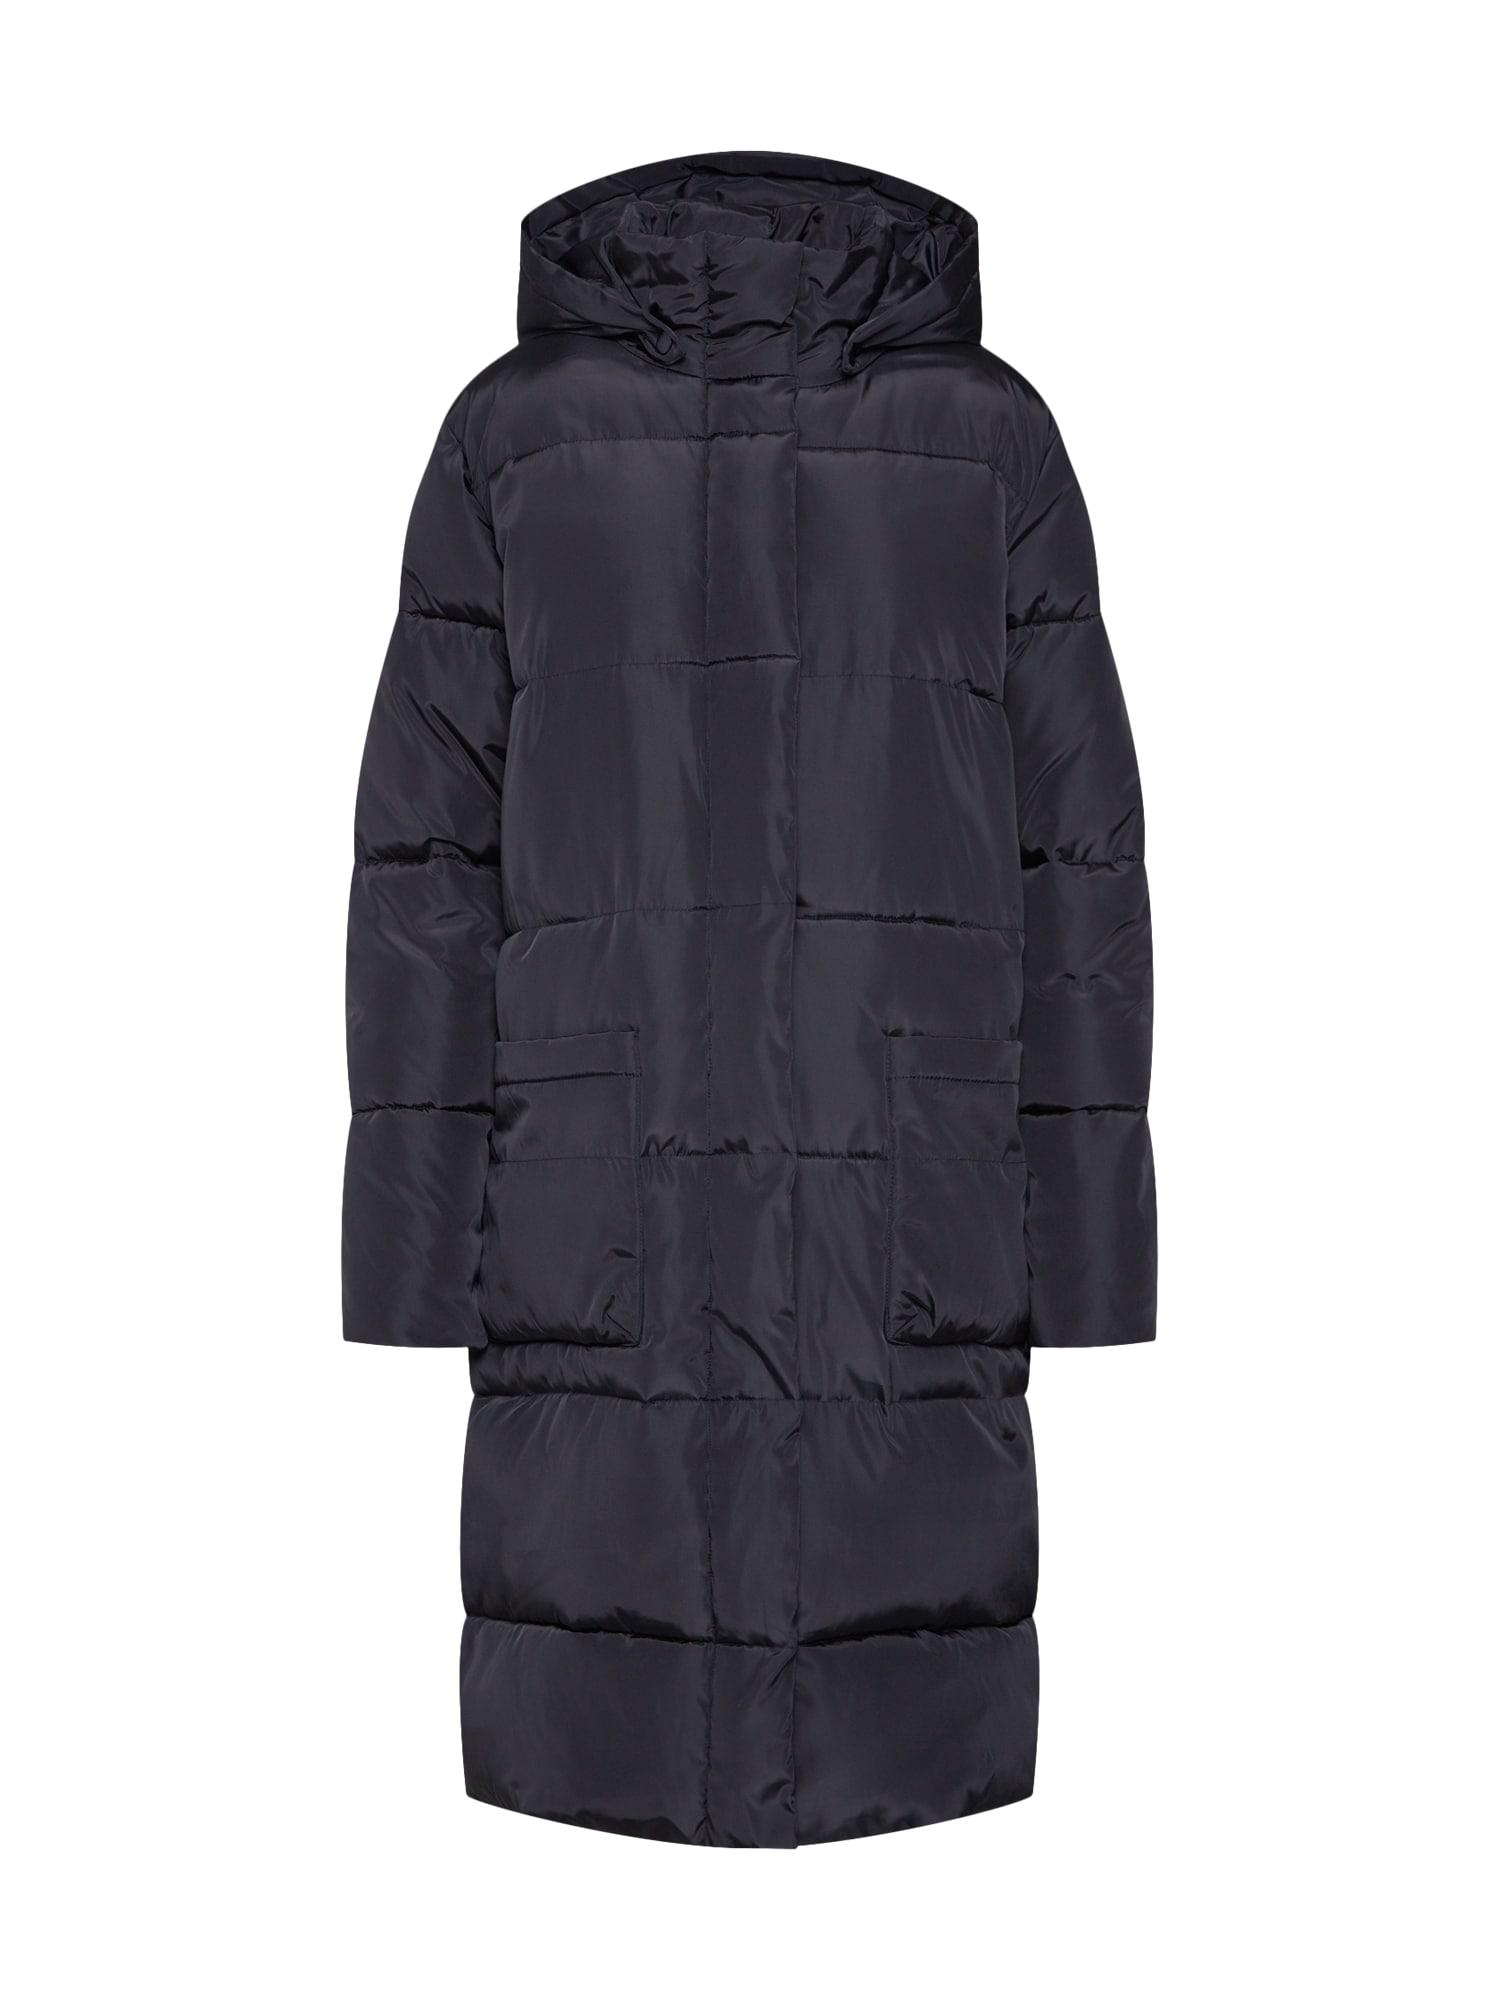 basic apparel Žieminis paltas 'Dagmar' juoda